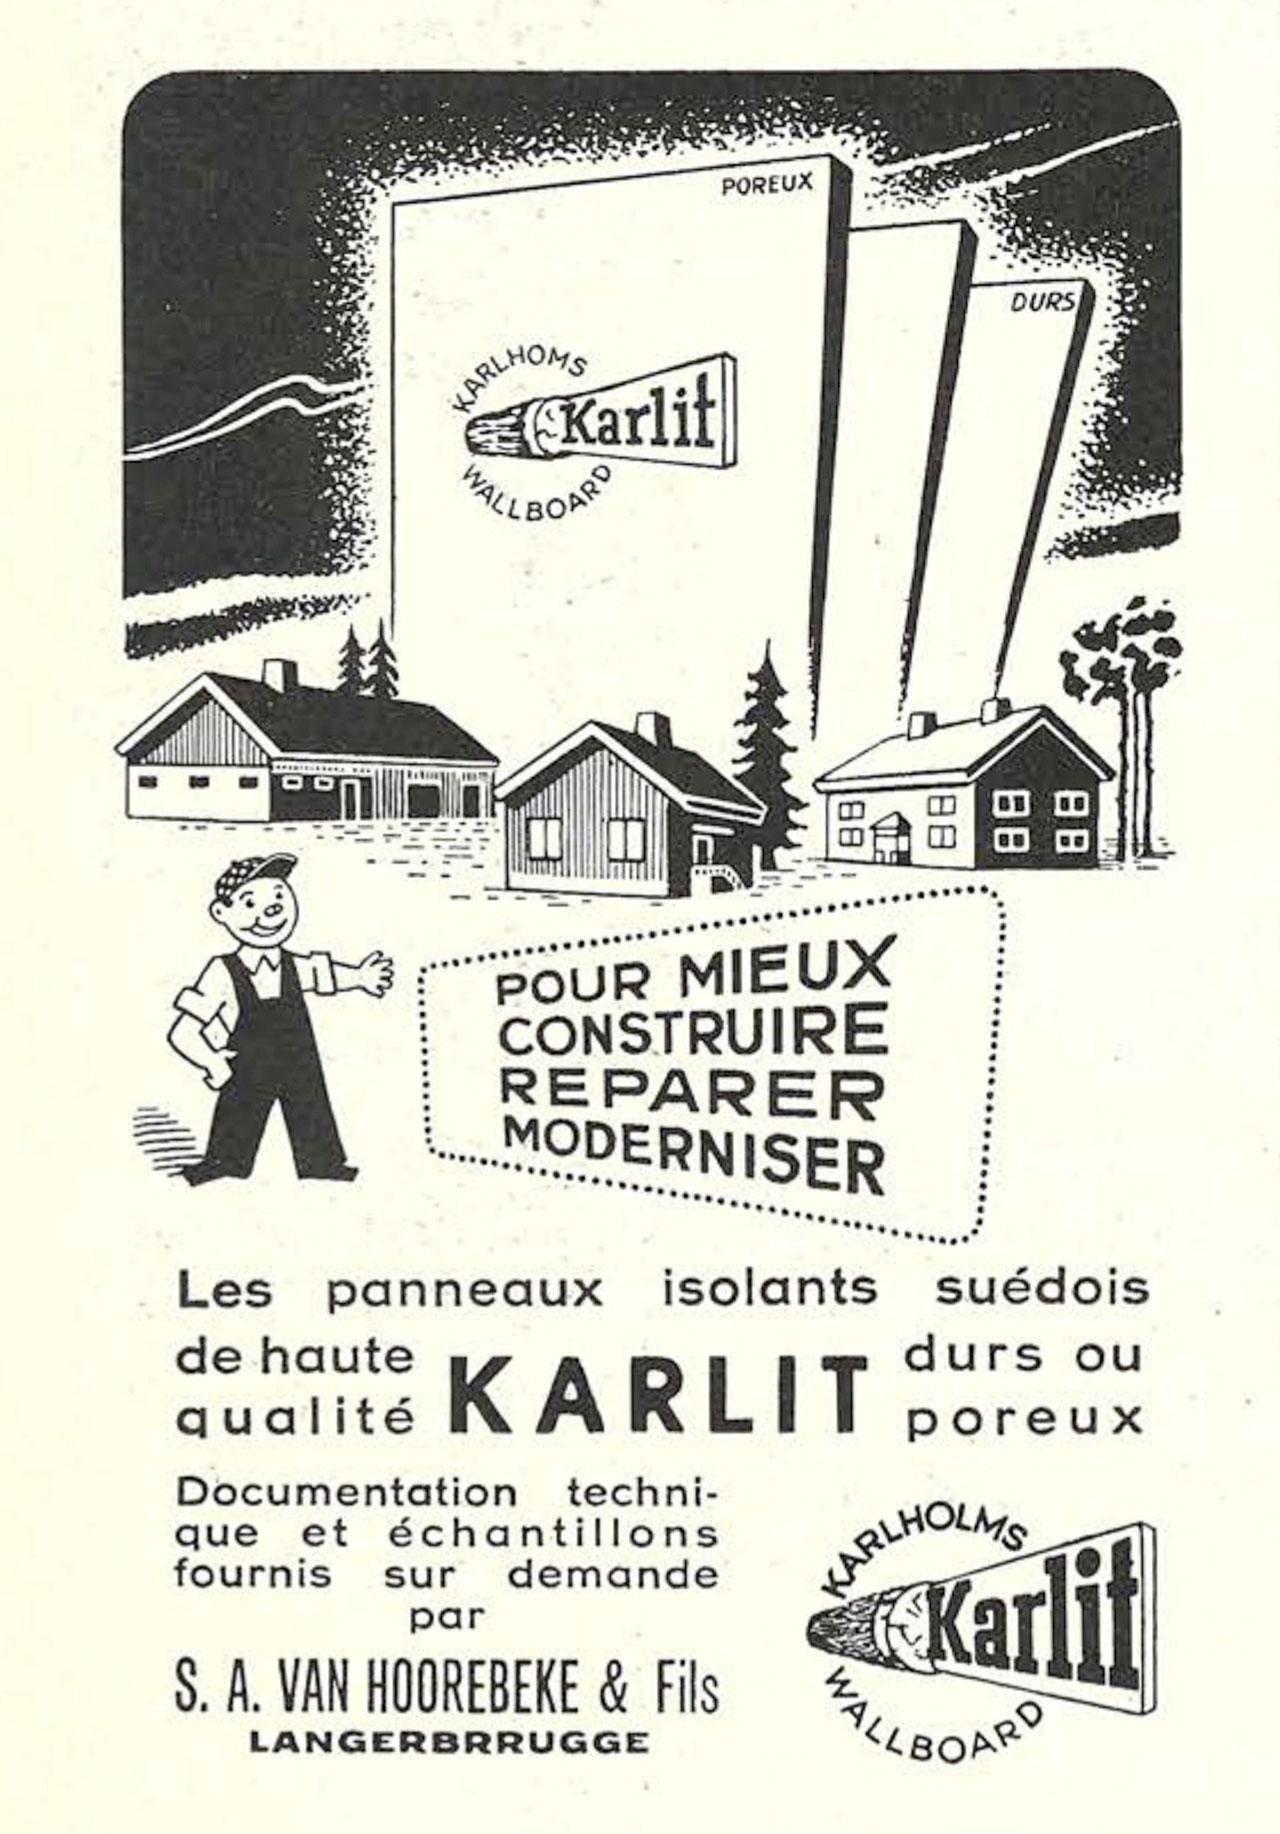 Panneaux Karlit